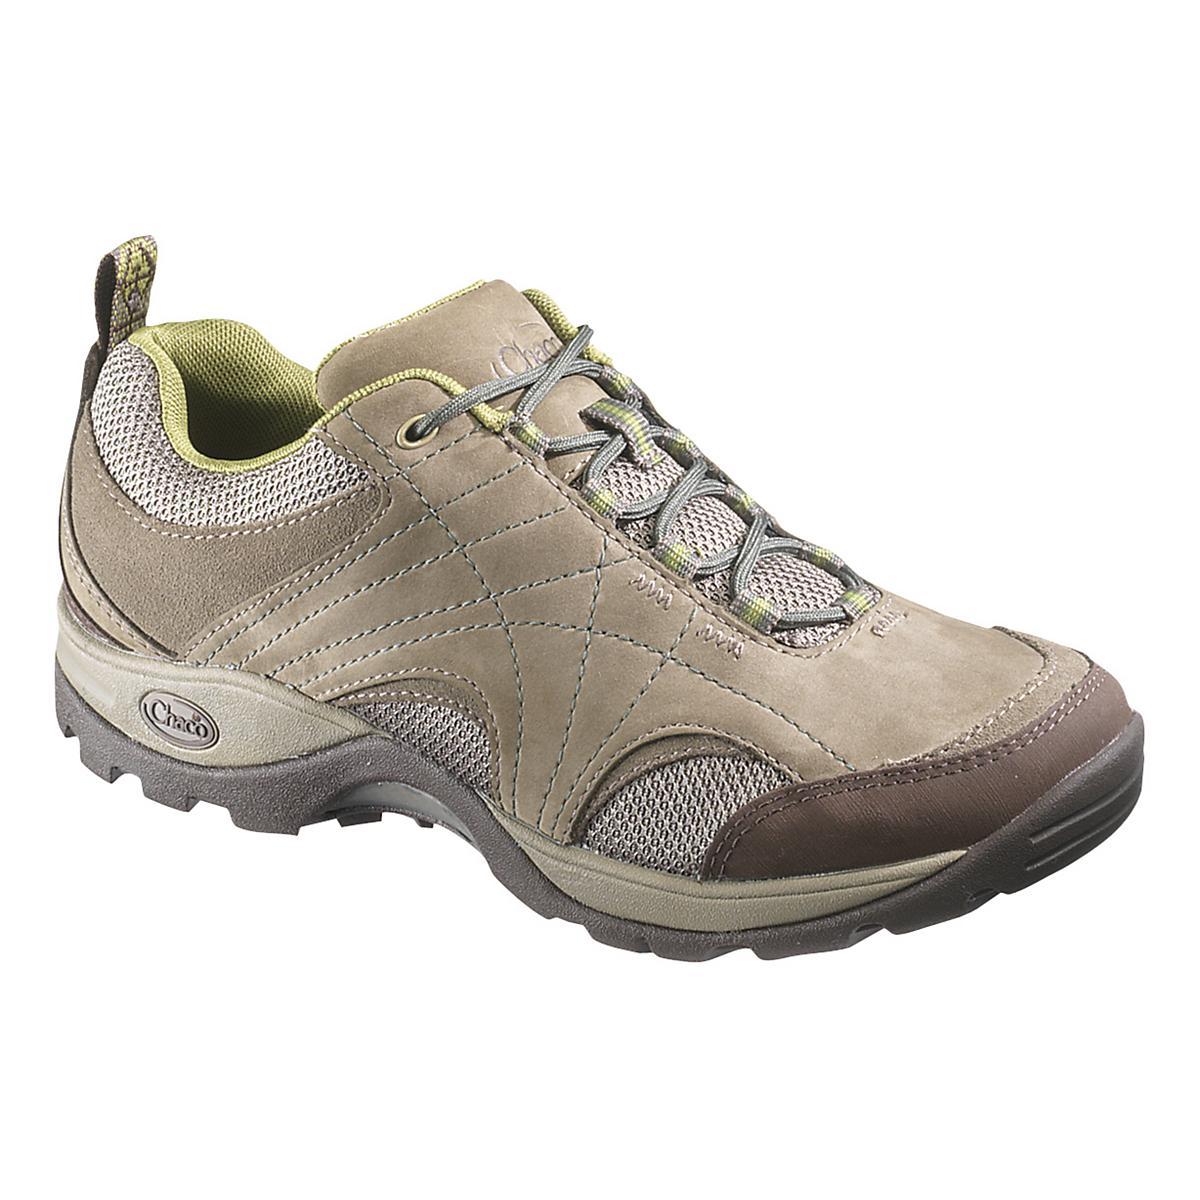 Chaco Petaluma Mary Jane Shoes Women S